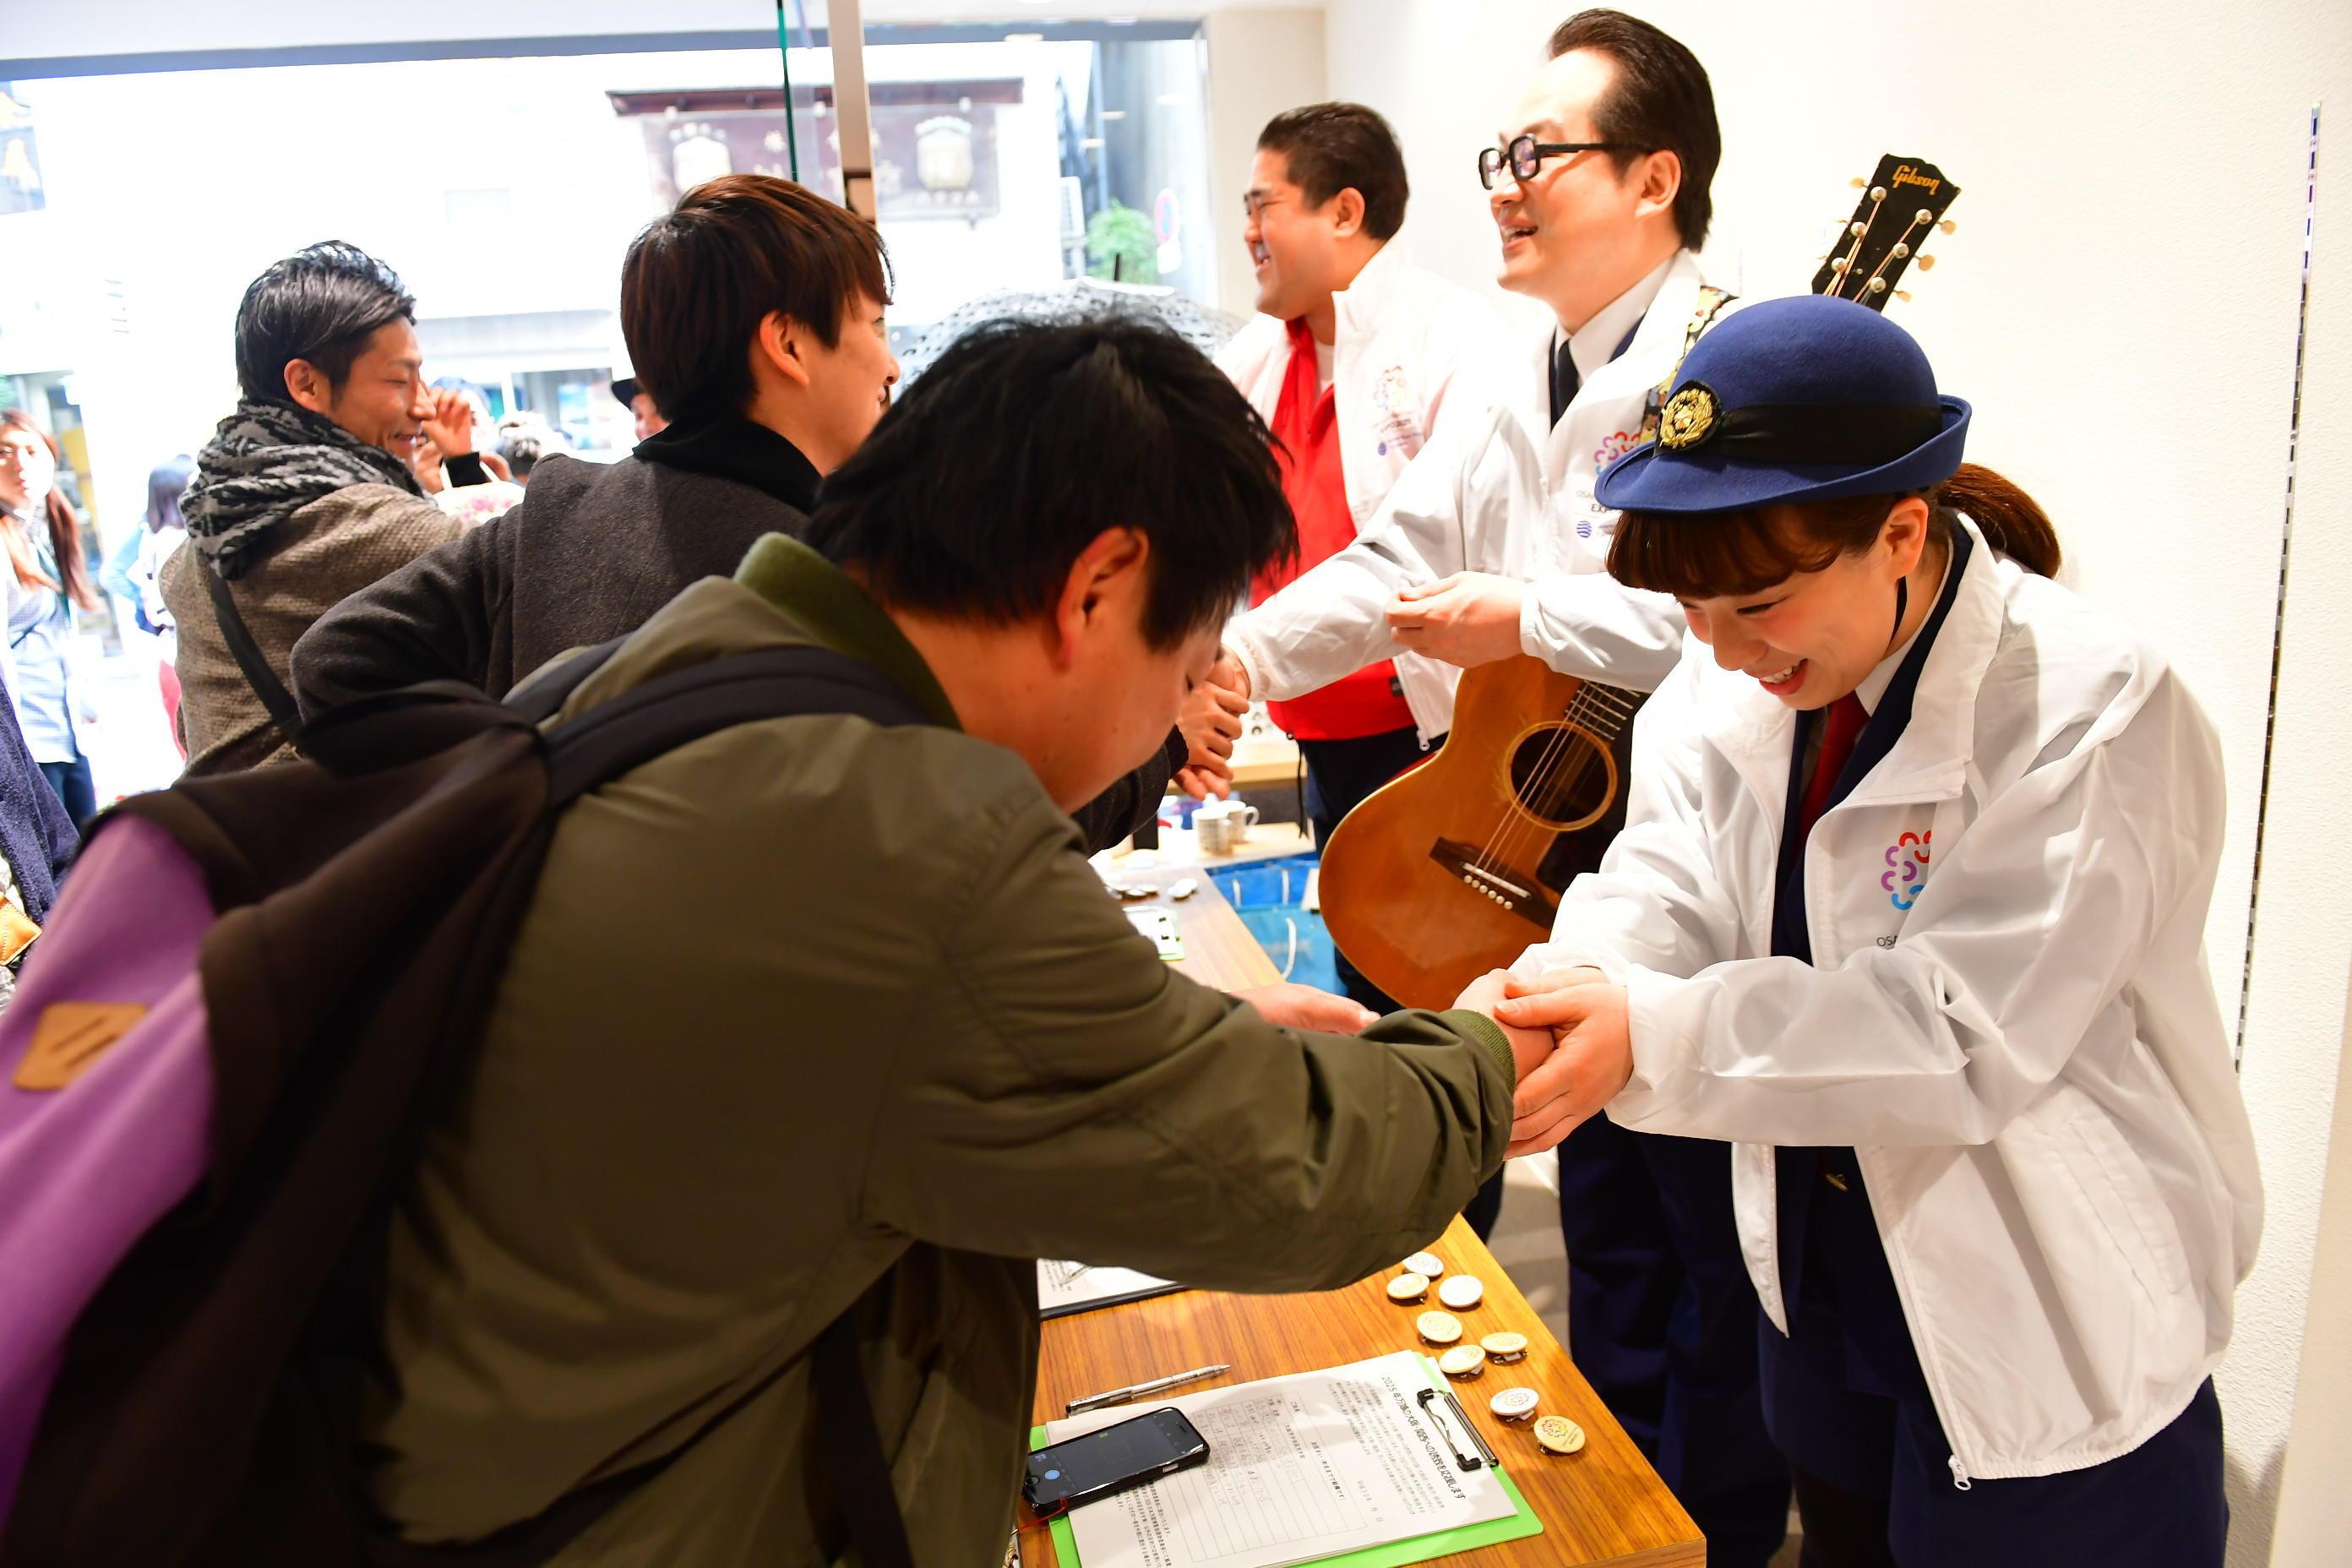 http://news.yoshimoto.co.jp/20180225121131-a2248f1ec656a87b23db25a36961dbcdbadd146e.jpg